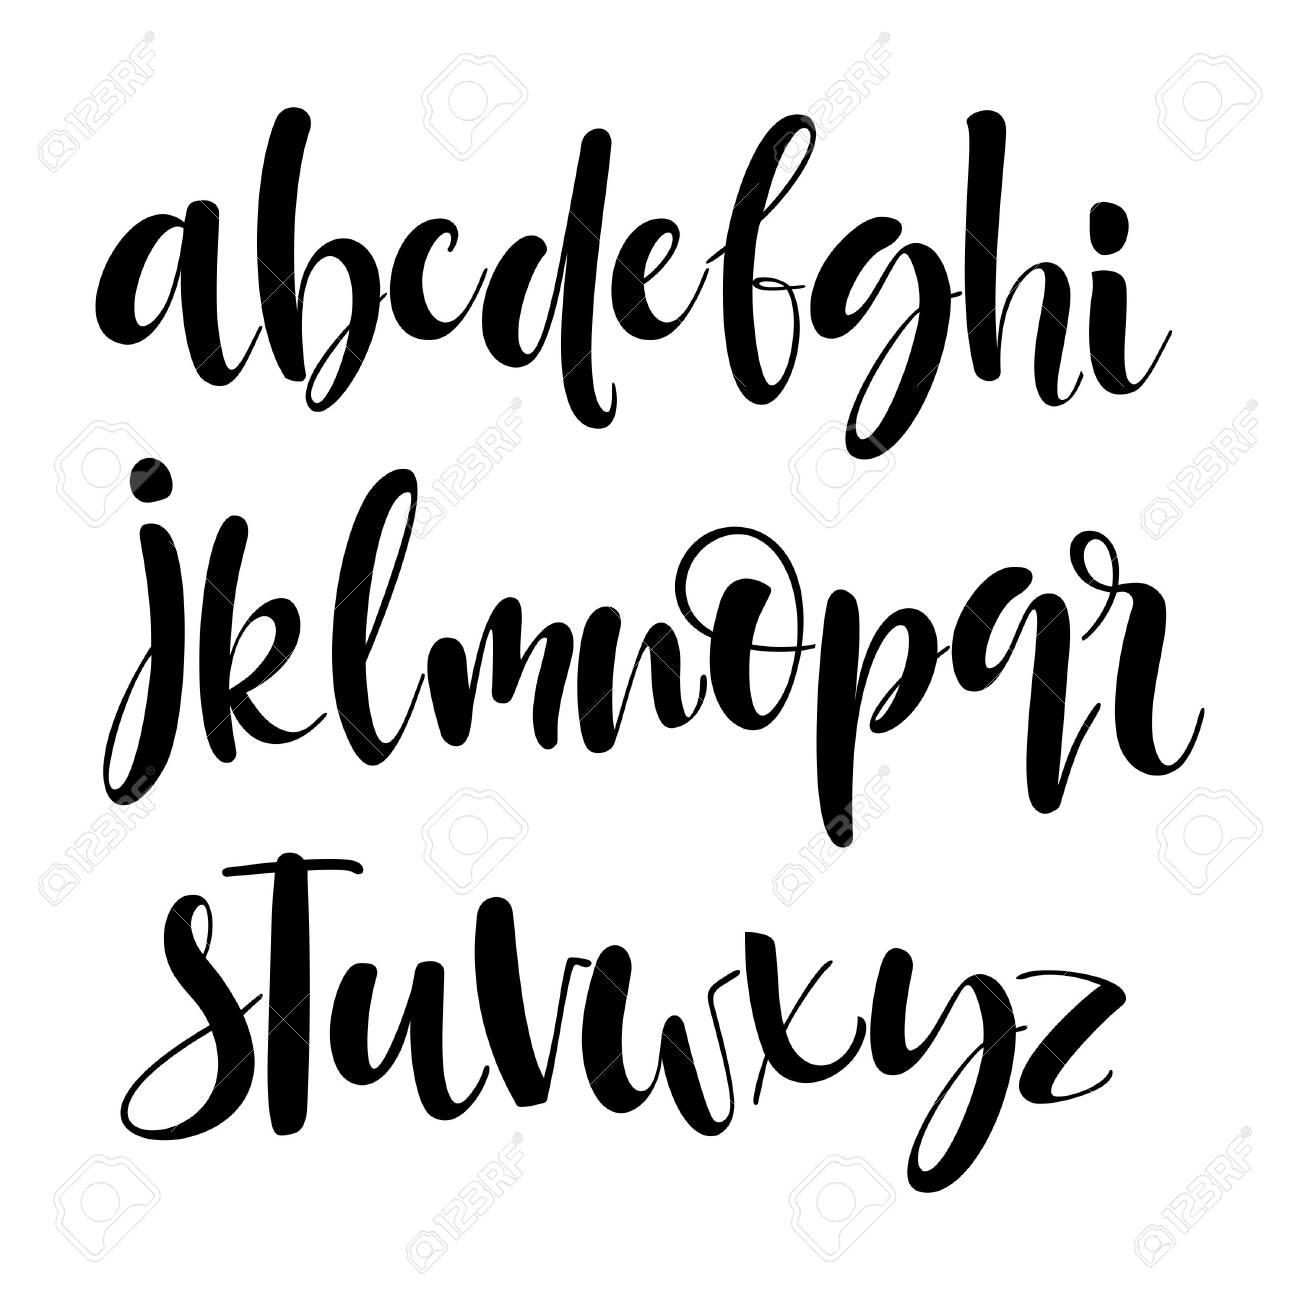 Kit Decorativo Vector ABC Buena Tipografa Para Su Diseo Dibujado A Mano Letras Y